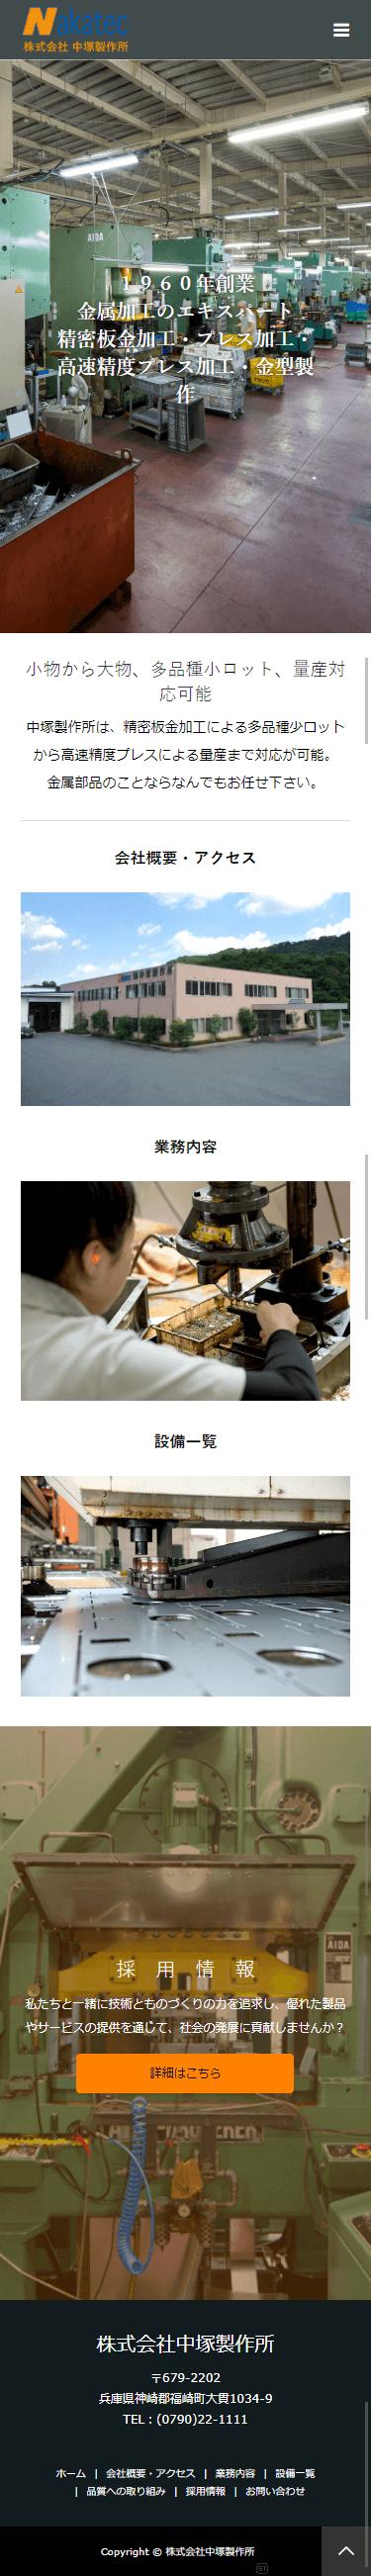 神崎郡福崎町 株式会社中塚製作所様 ホームページ制作3